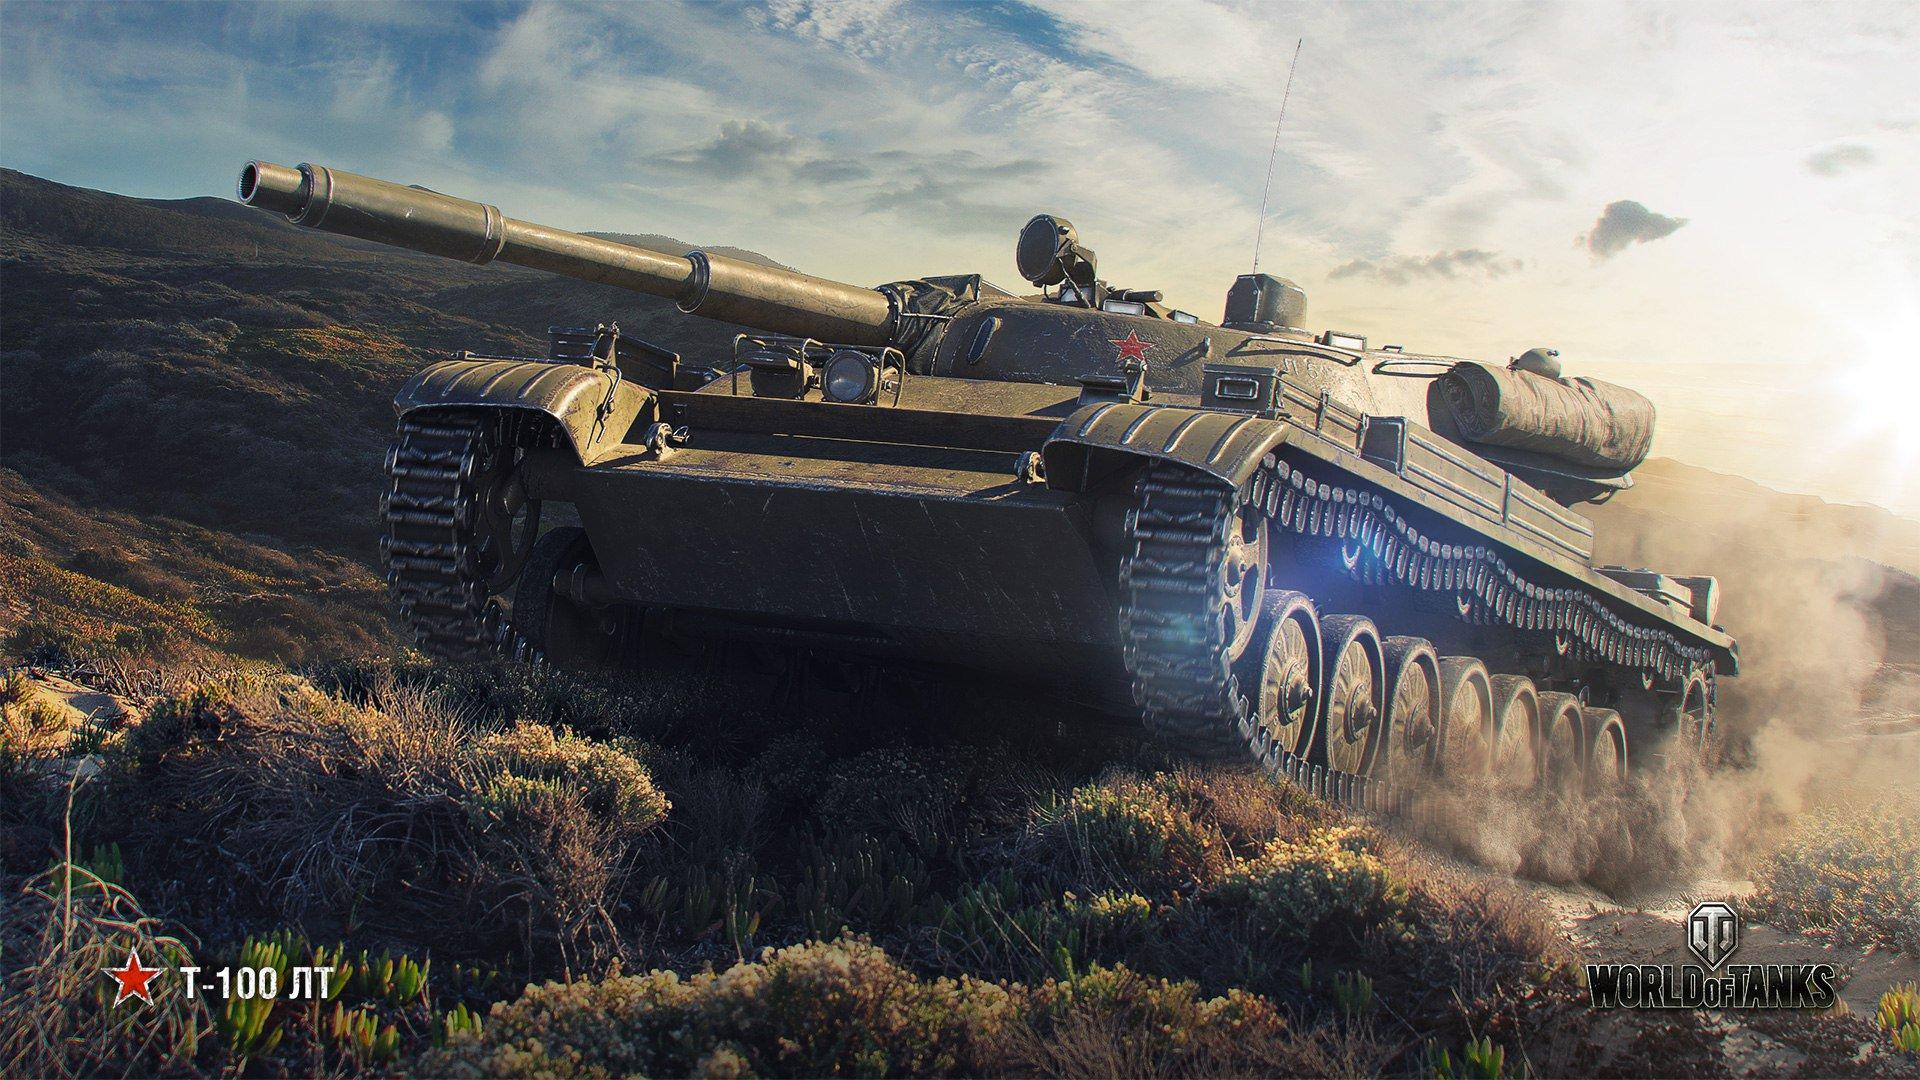 скачать hd обои world of tanks на рабочий стол